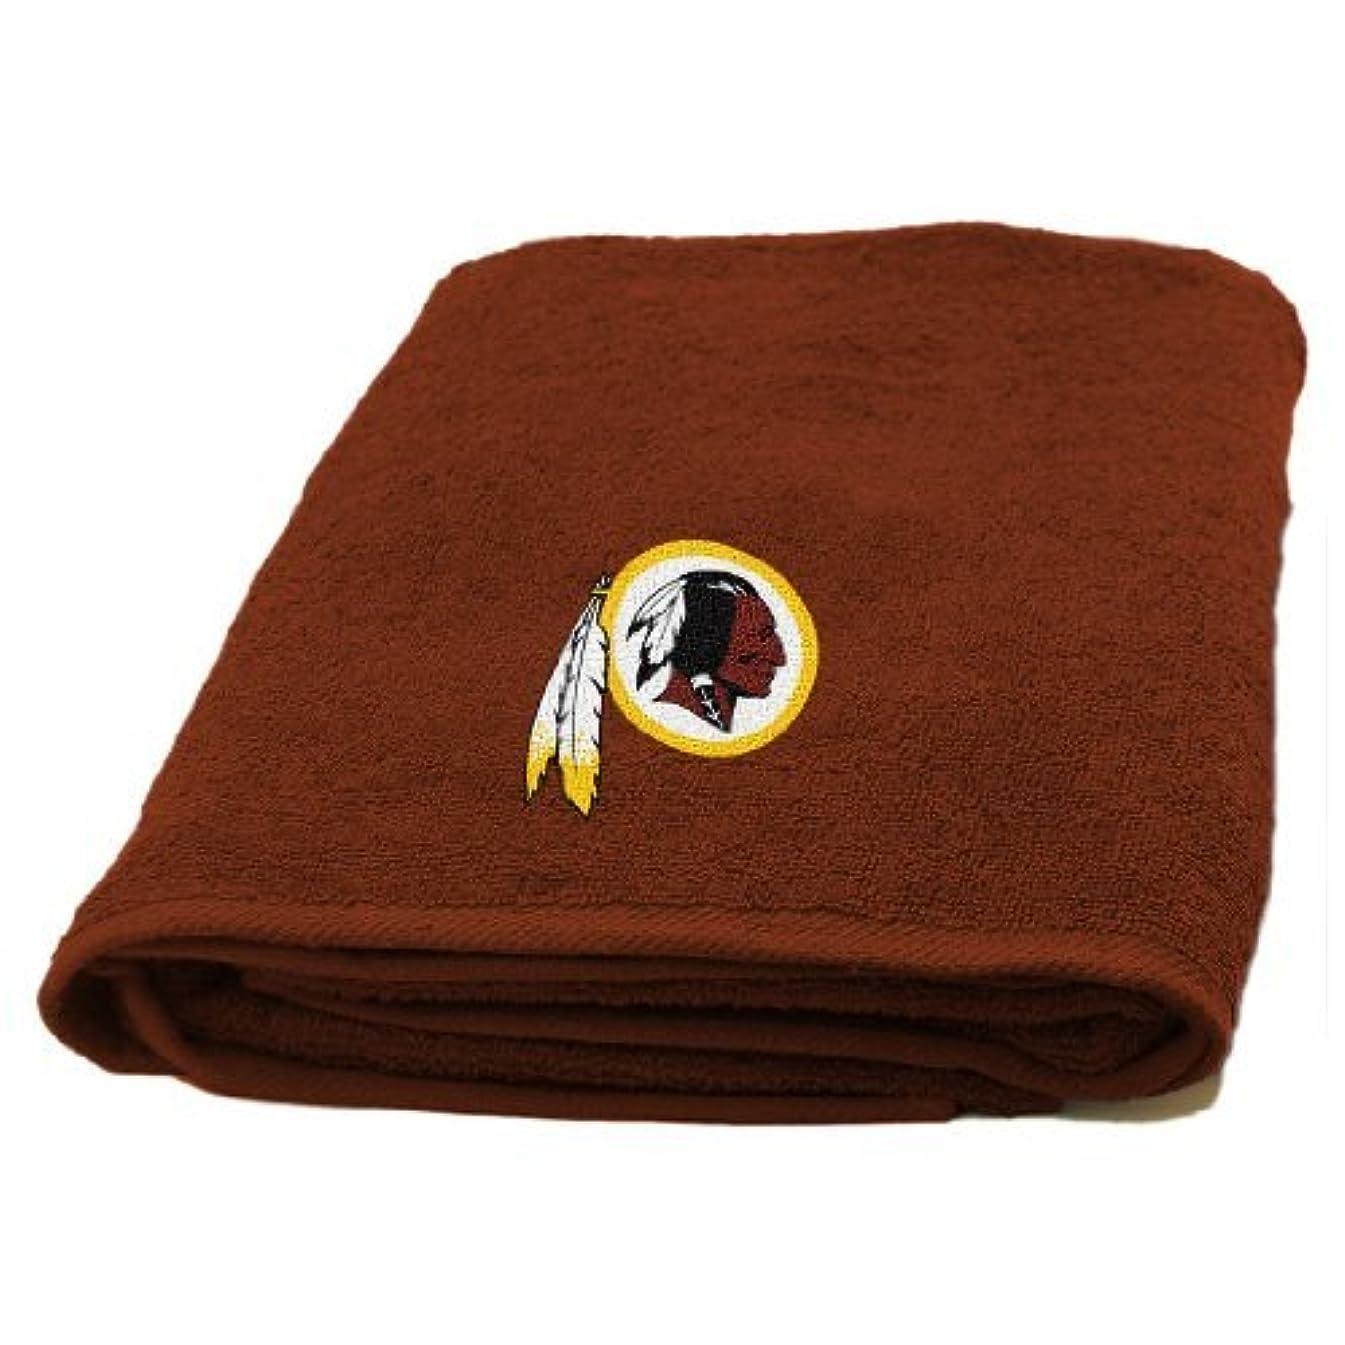 公使館匿名農奴The Northwest会社、LLC NFLレッドスキンズアップリケバスタオル